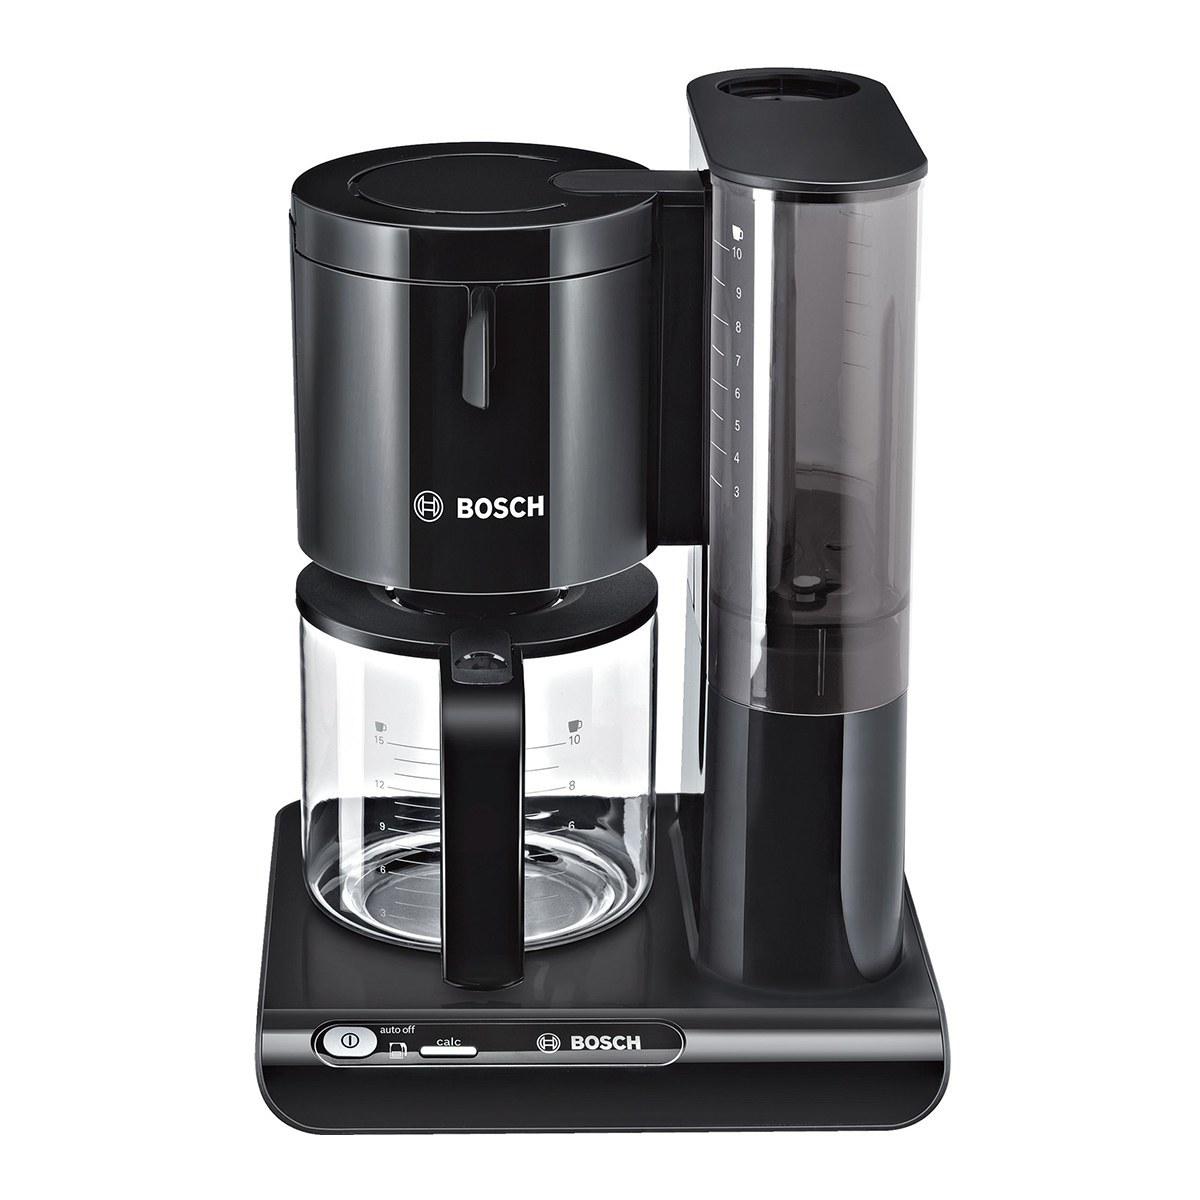 تصویر قهوه ساز STYLINE بوش مدل TKA8013 TAT6A004